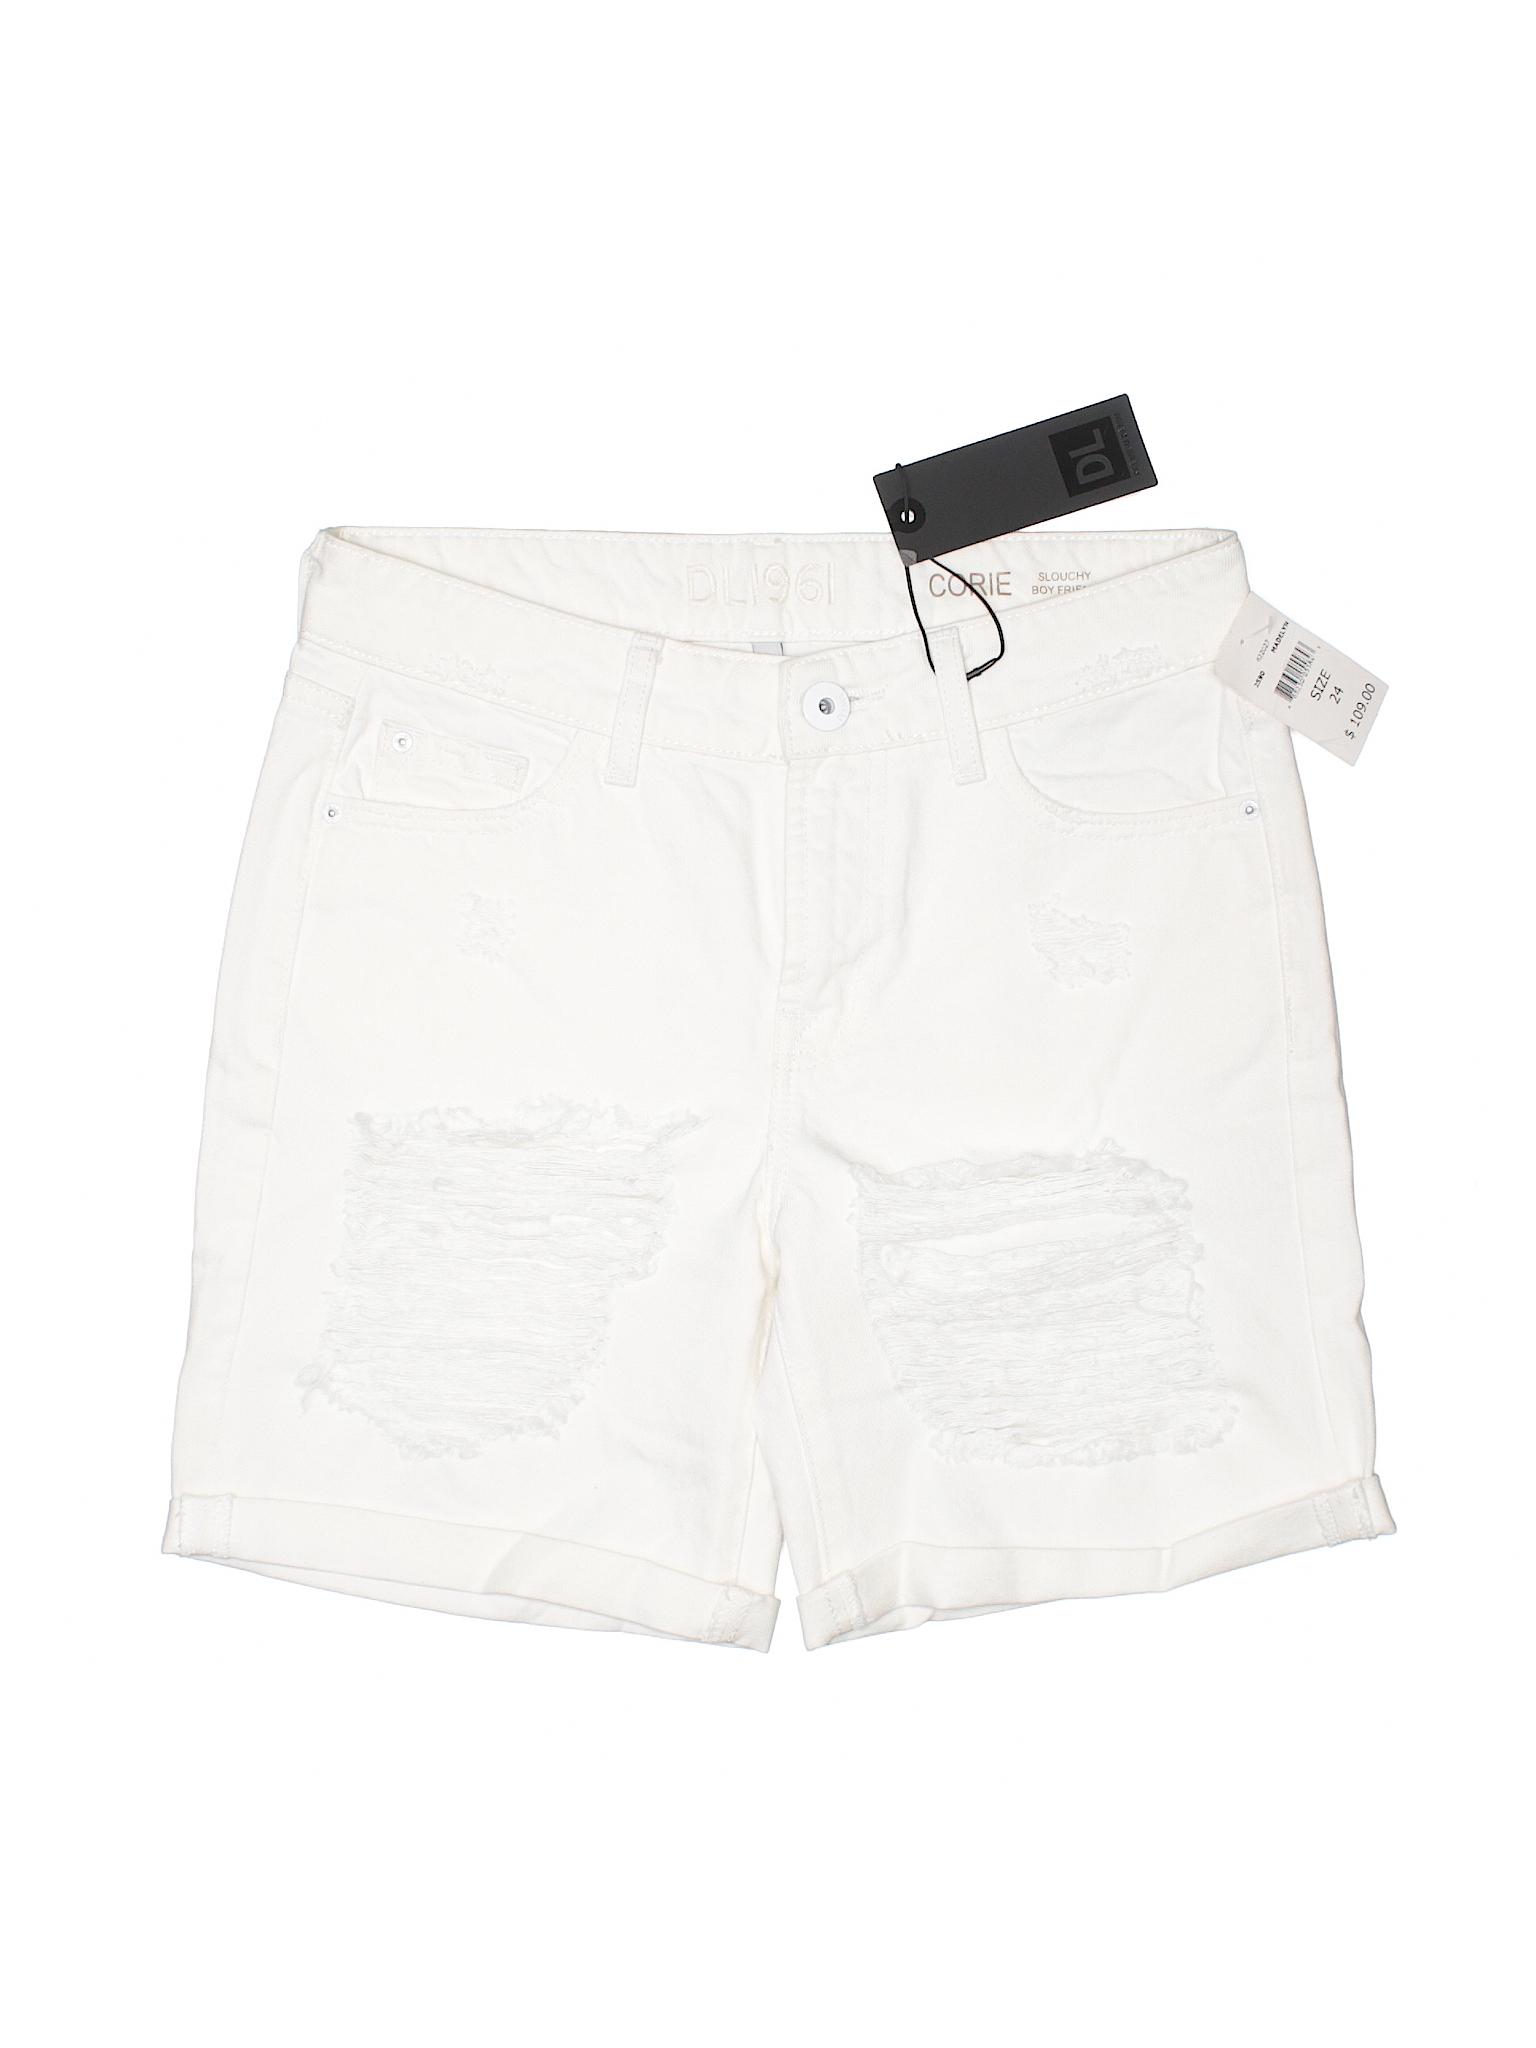 Denim Shorts DL1961 DL1961 Boutique Denim Boutique winter winter Boutique Shorts qrqwntAR4